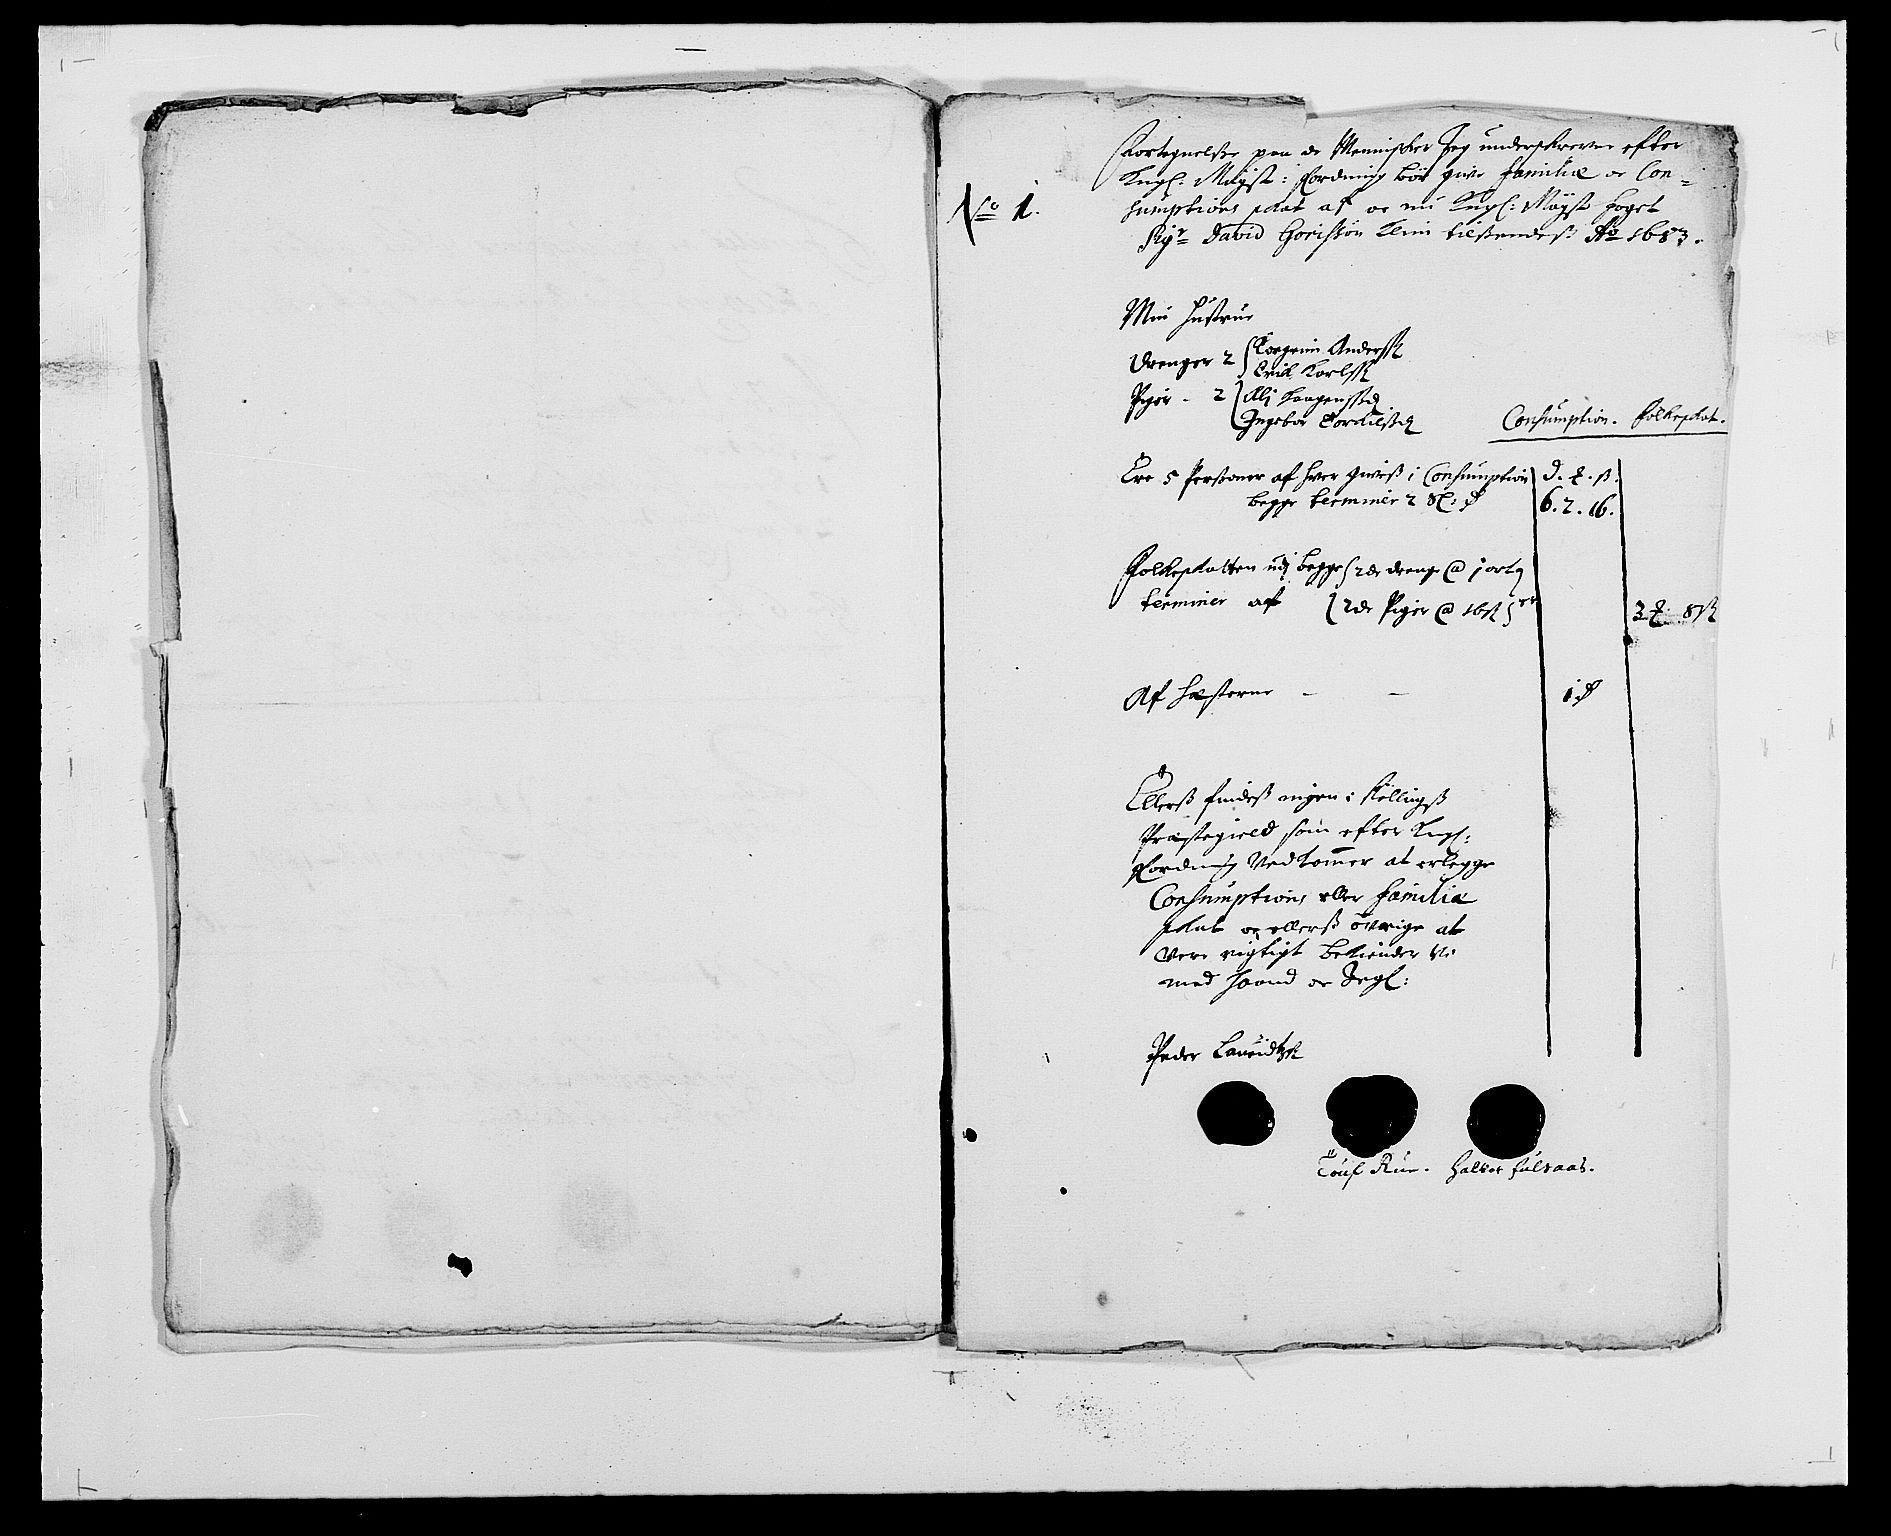 RA, Rentekammeret inntil 1814, Reviderte regnskaper, Fogderegnskap, R24/L1570: Fogderegnskap Numedal og Sandsvær, 1679-1686, s. 345